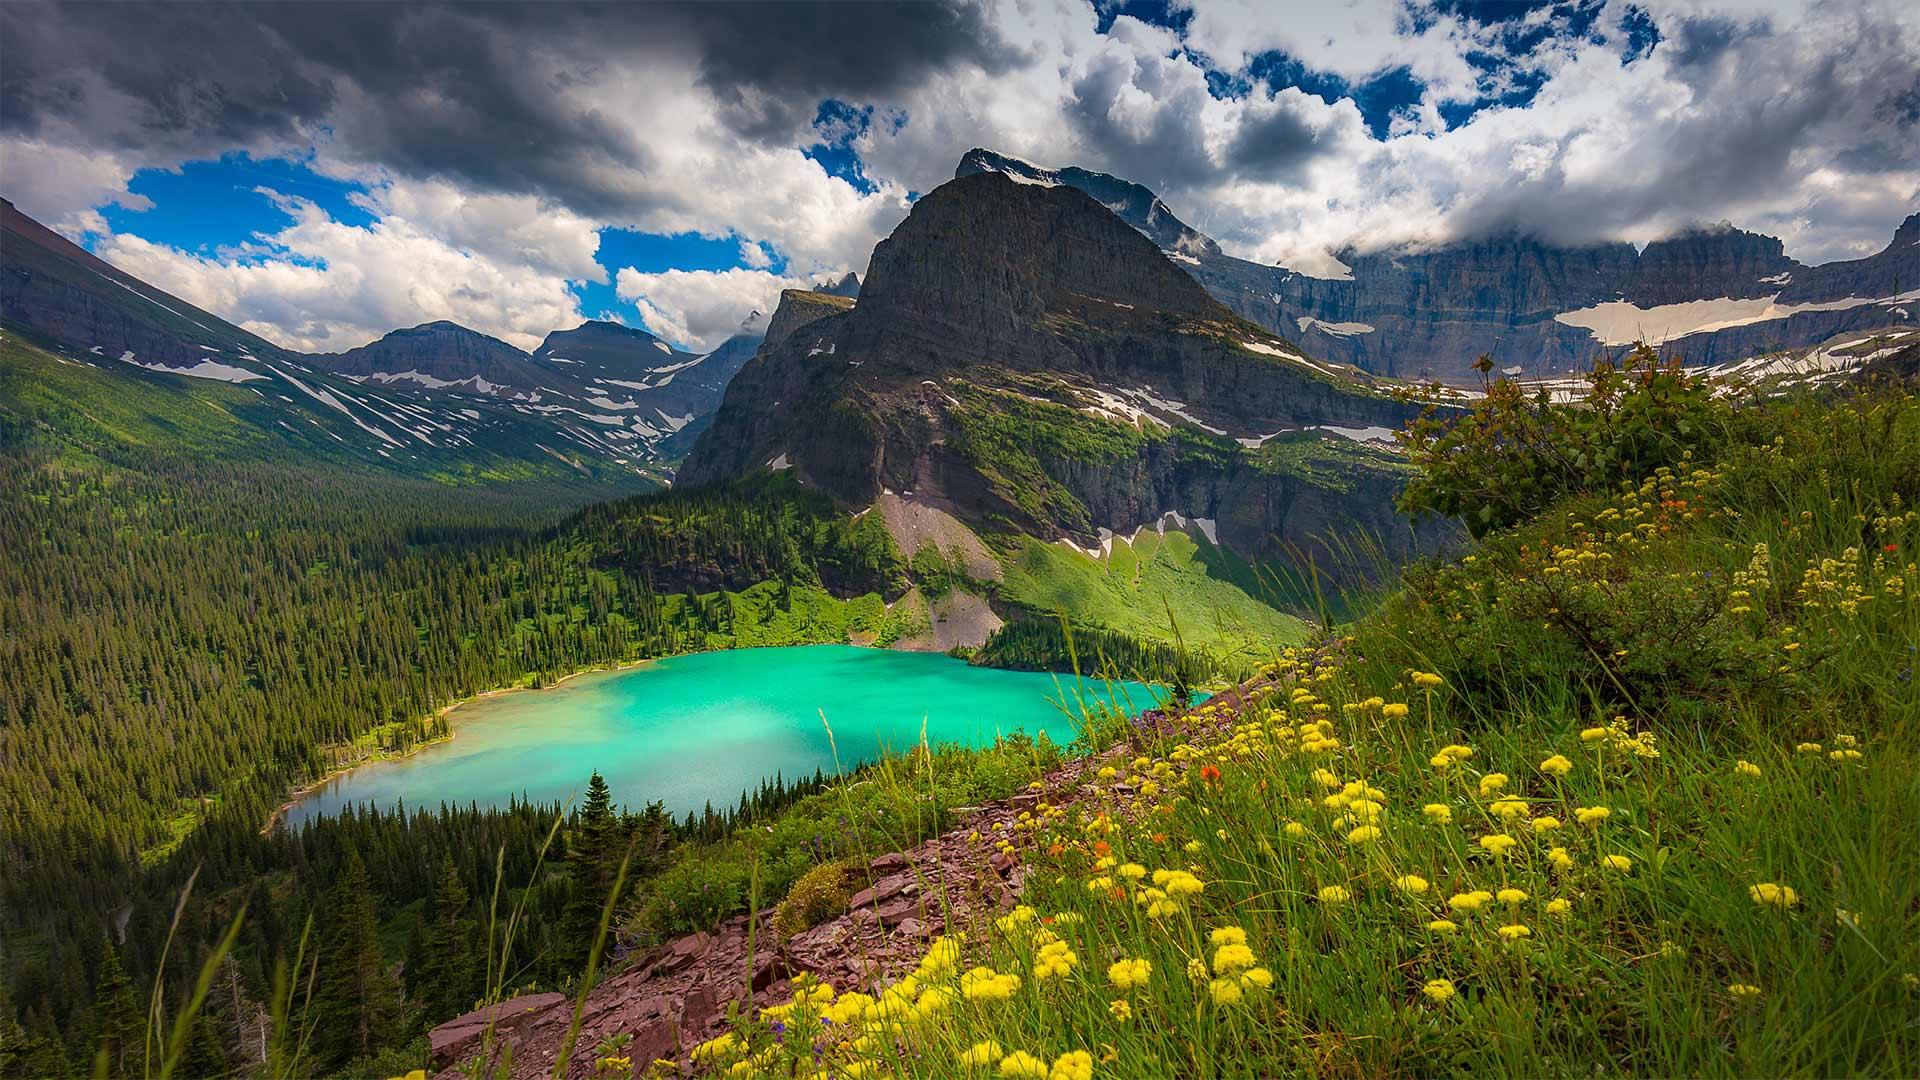 Lac Grinnell, Parc national de Glacier, Montana, États-Unis (© Pung/Shutterstock)(Bing France)